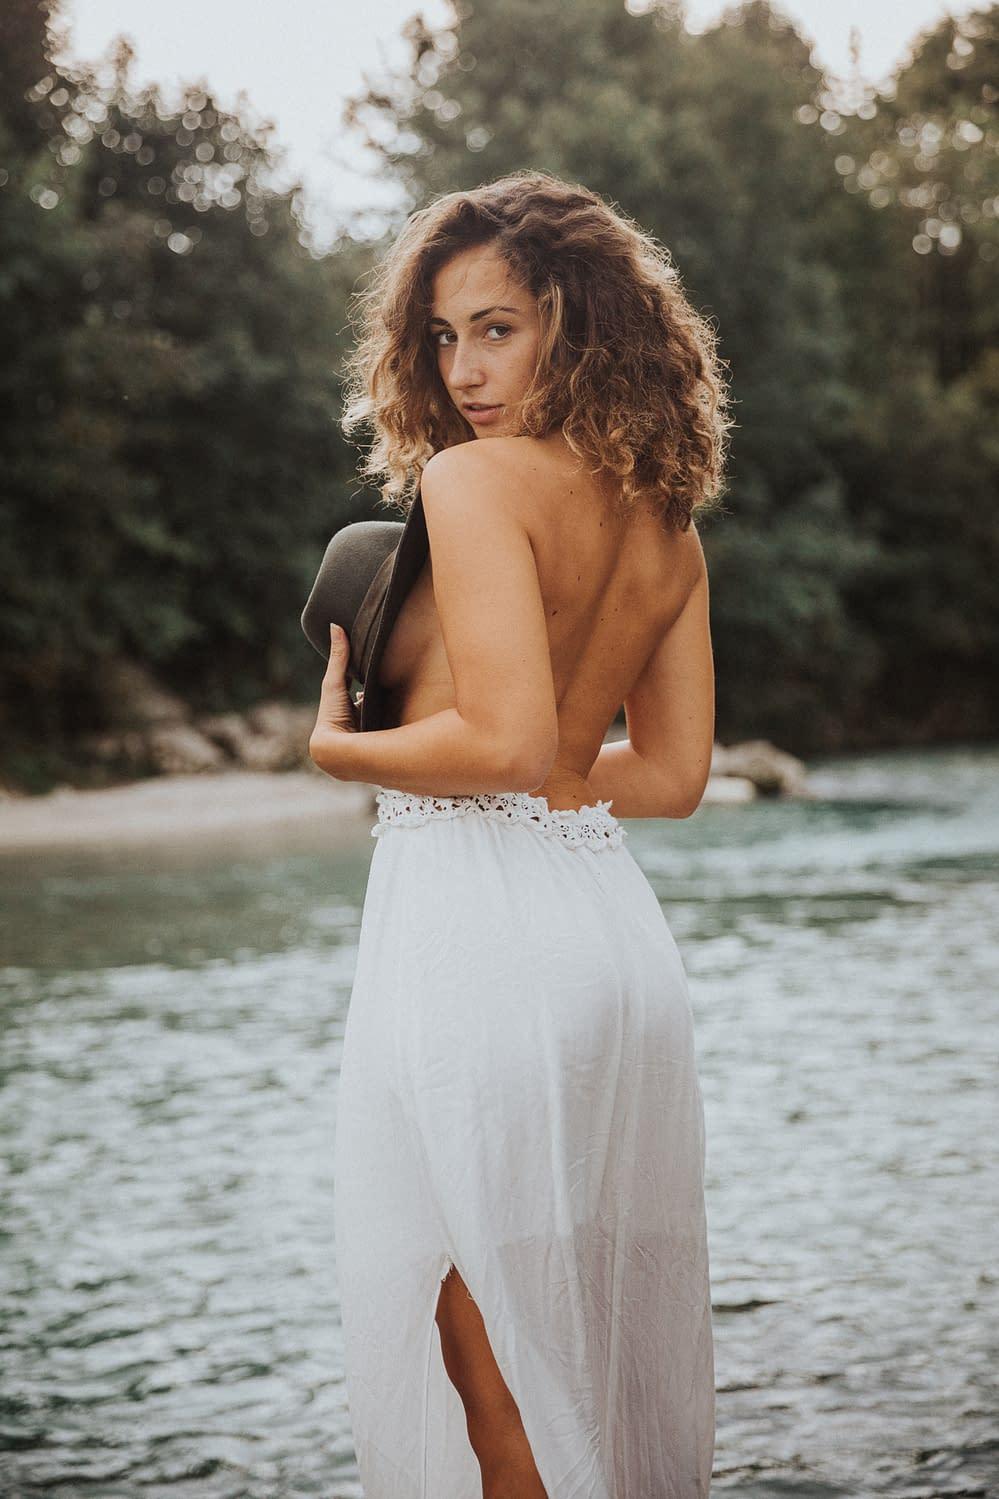 Natur Portrait Luisa am Fluss